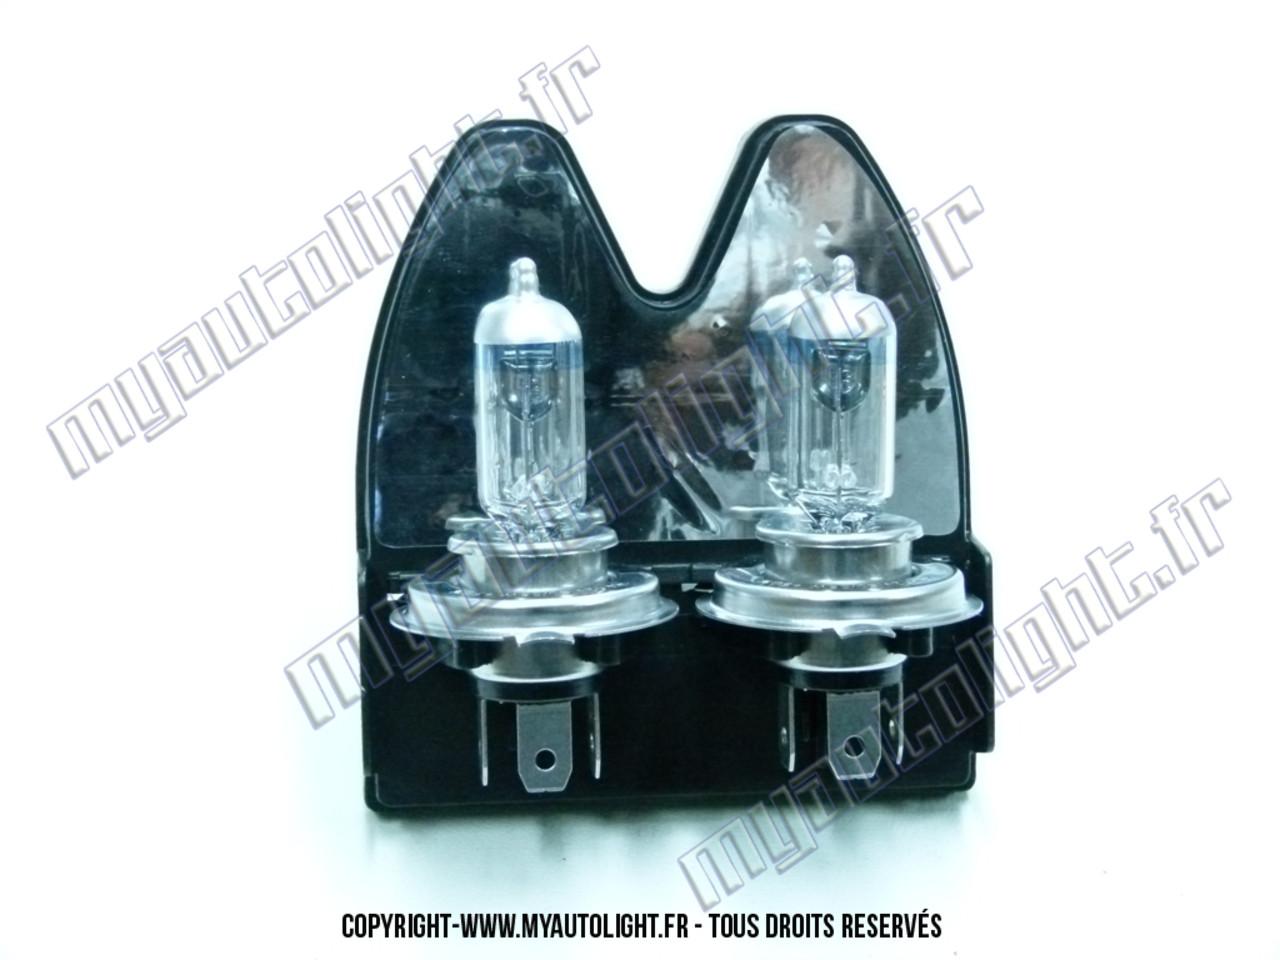 ampoules puissantes h4 powervision 50 pour phares auto voiture moto. Black Bedroom Furniture Sets. Home Design Ideas